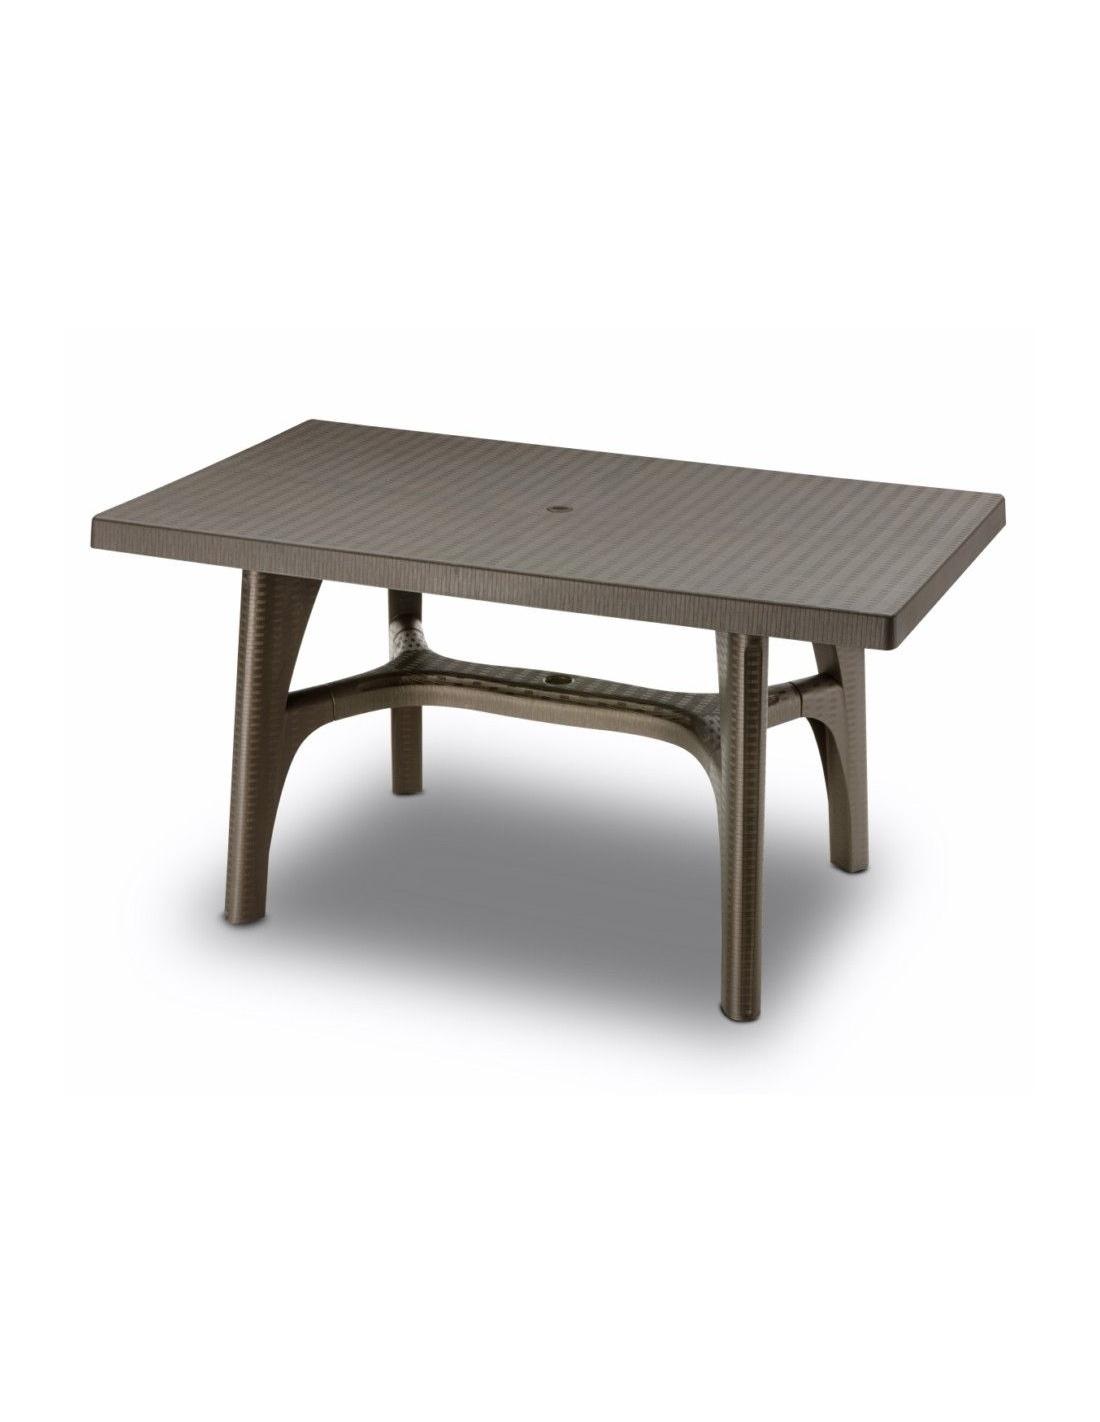 tavolo da esterno per giardino intrecciato 140 x 80 cm